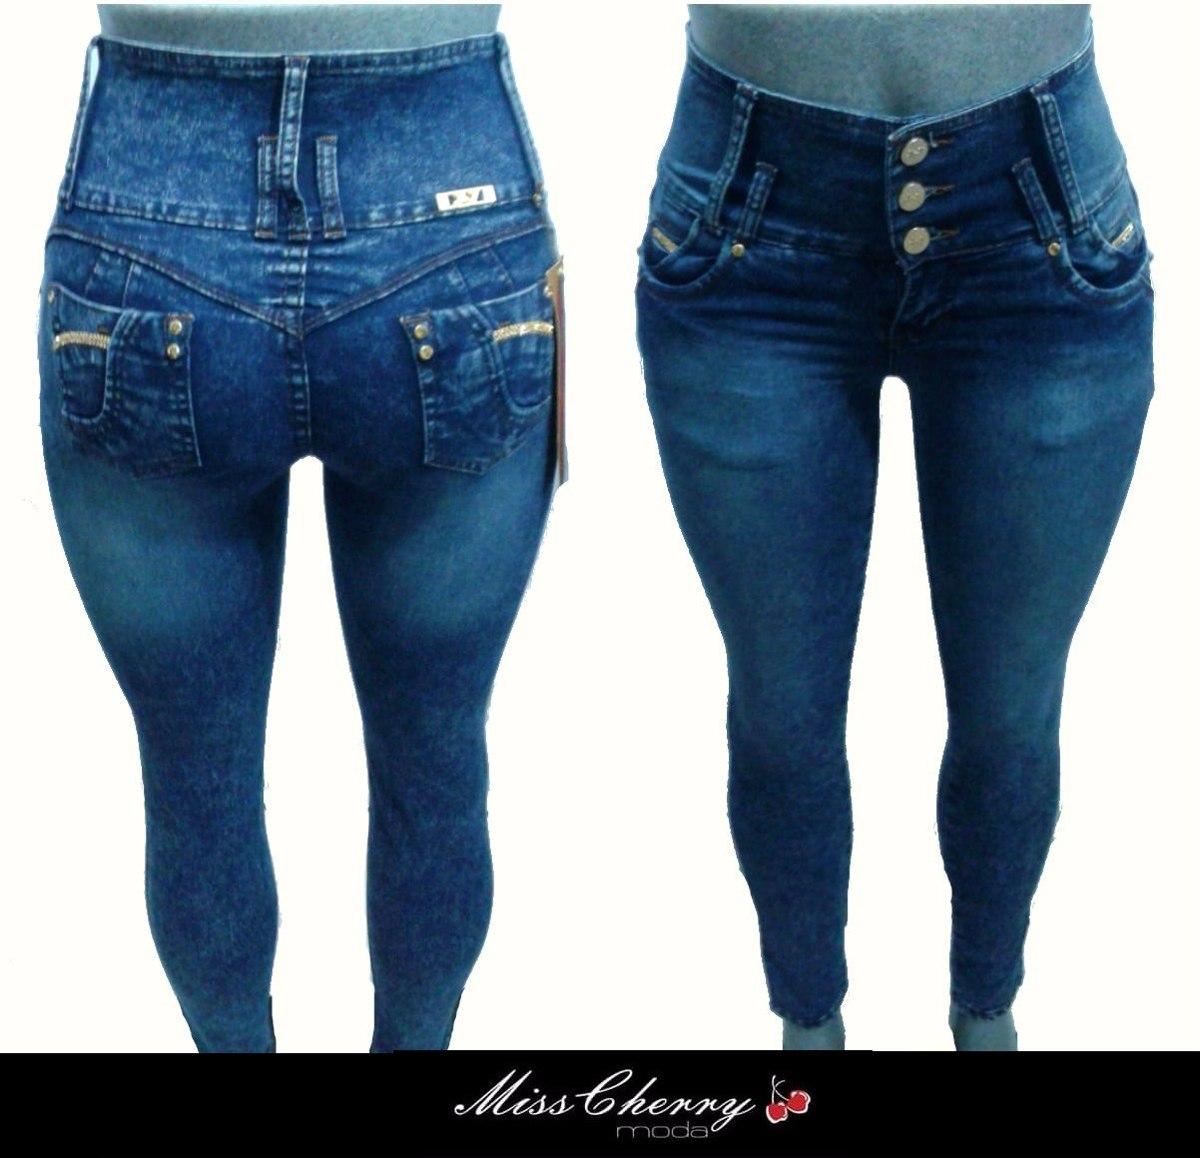 Pantalones Colombianos Levanta Pompa Cristales Jeans Mayoreo - $ 430.00 en Mercado Libre